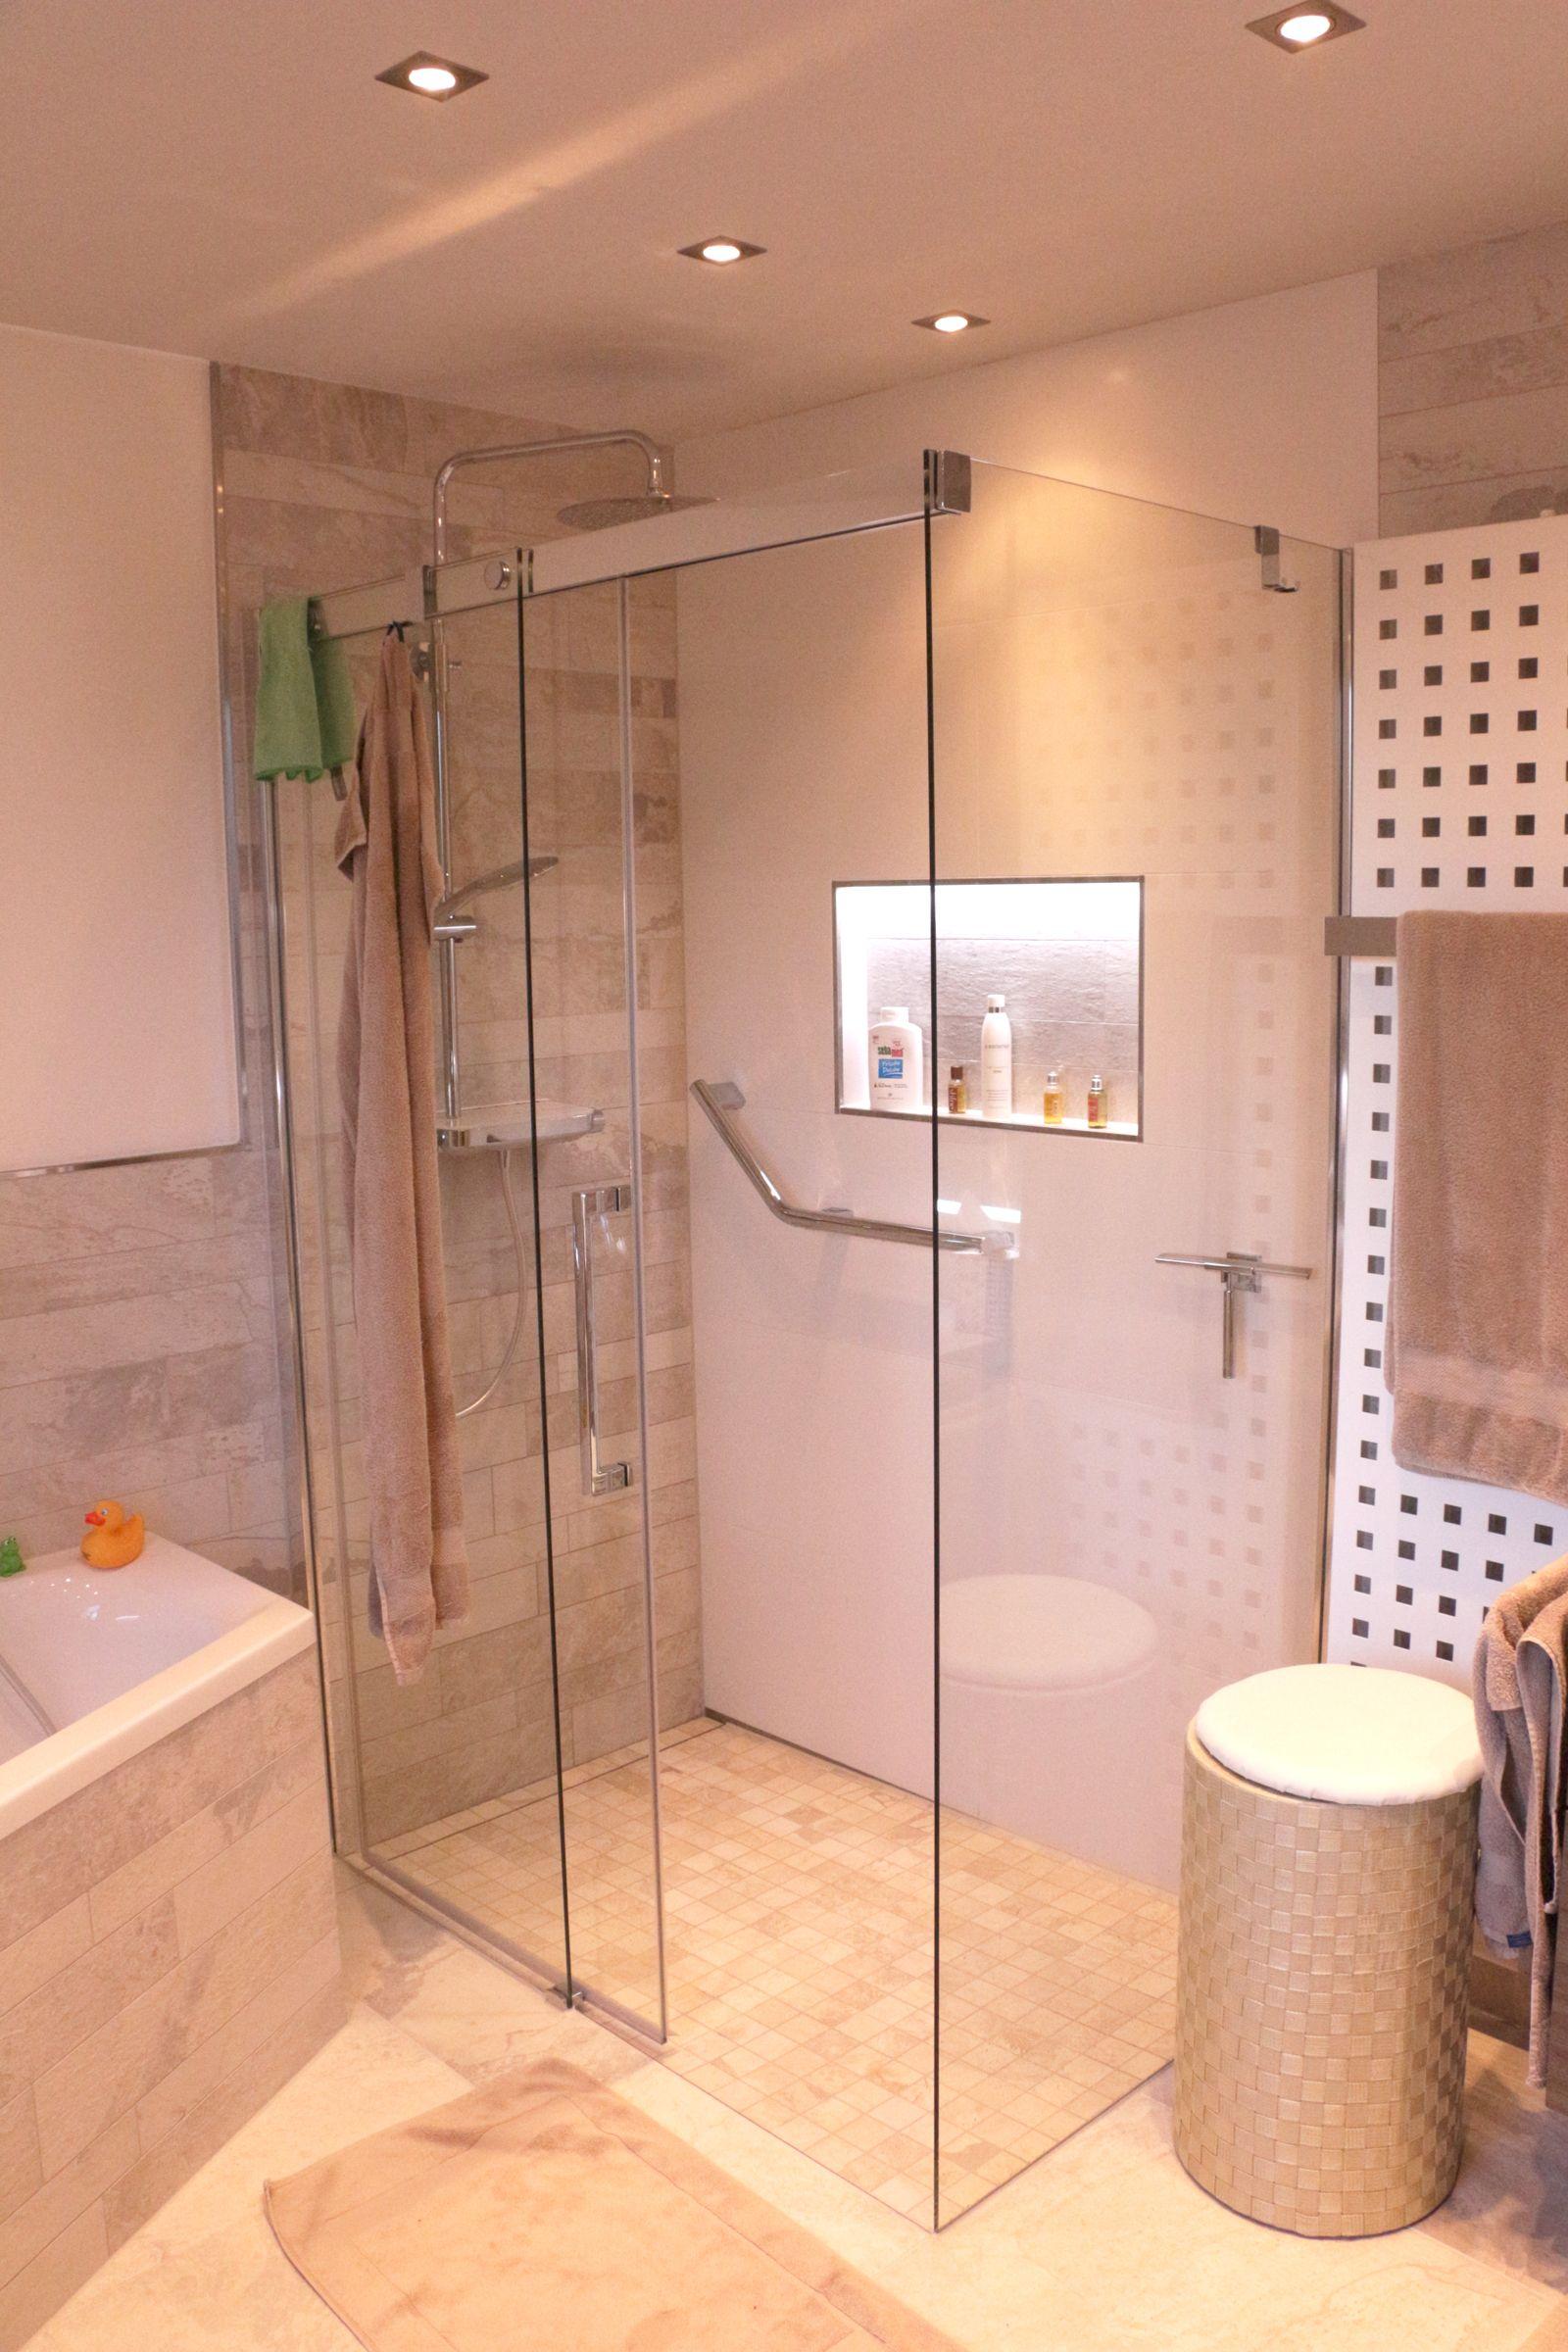 Badezimmer fliesen natursteinoptik  Kundenprojekt - Fliesen in einer Natursteinoptik, mit einer ...